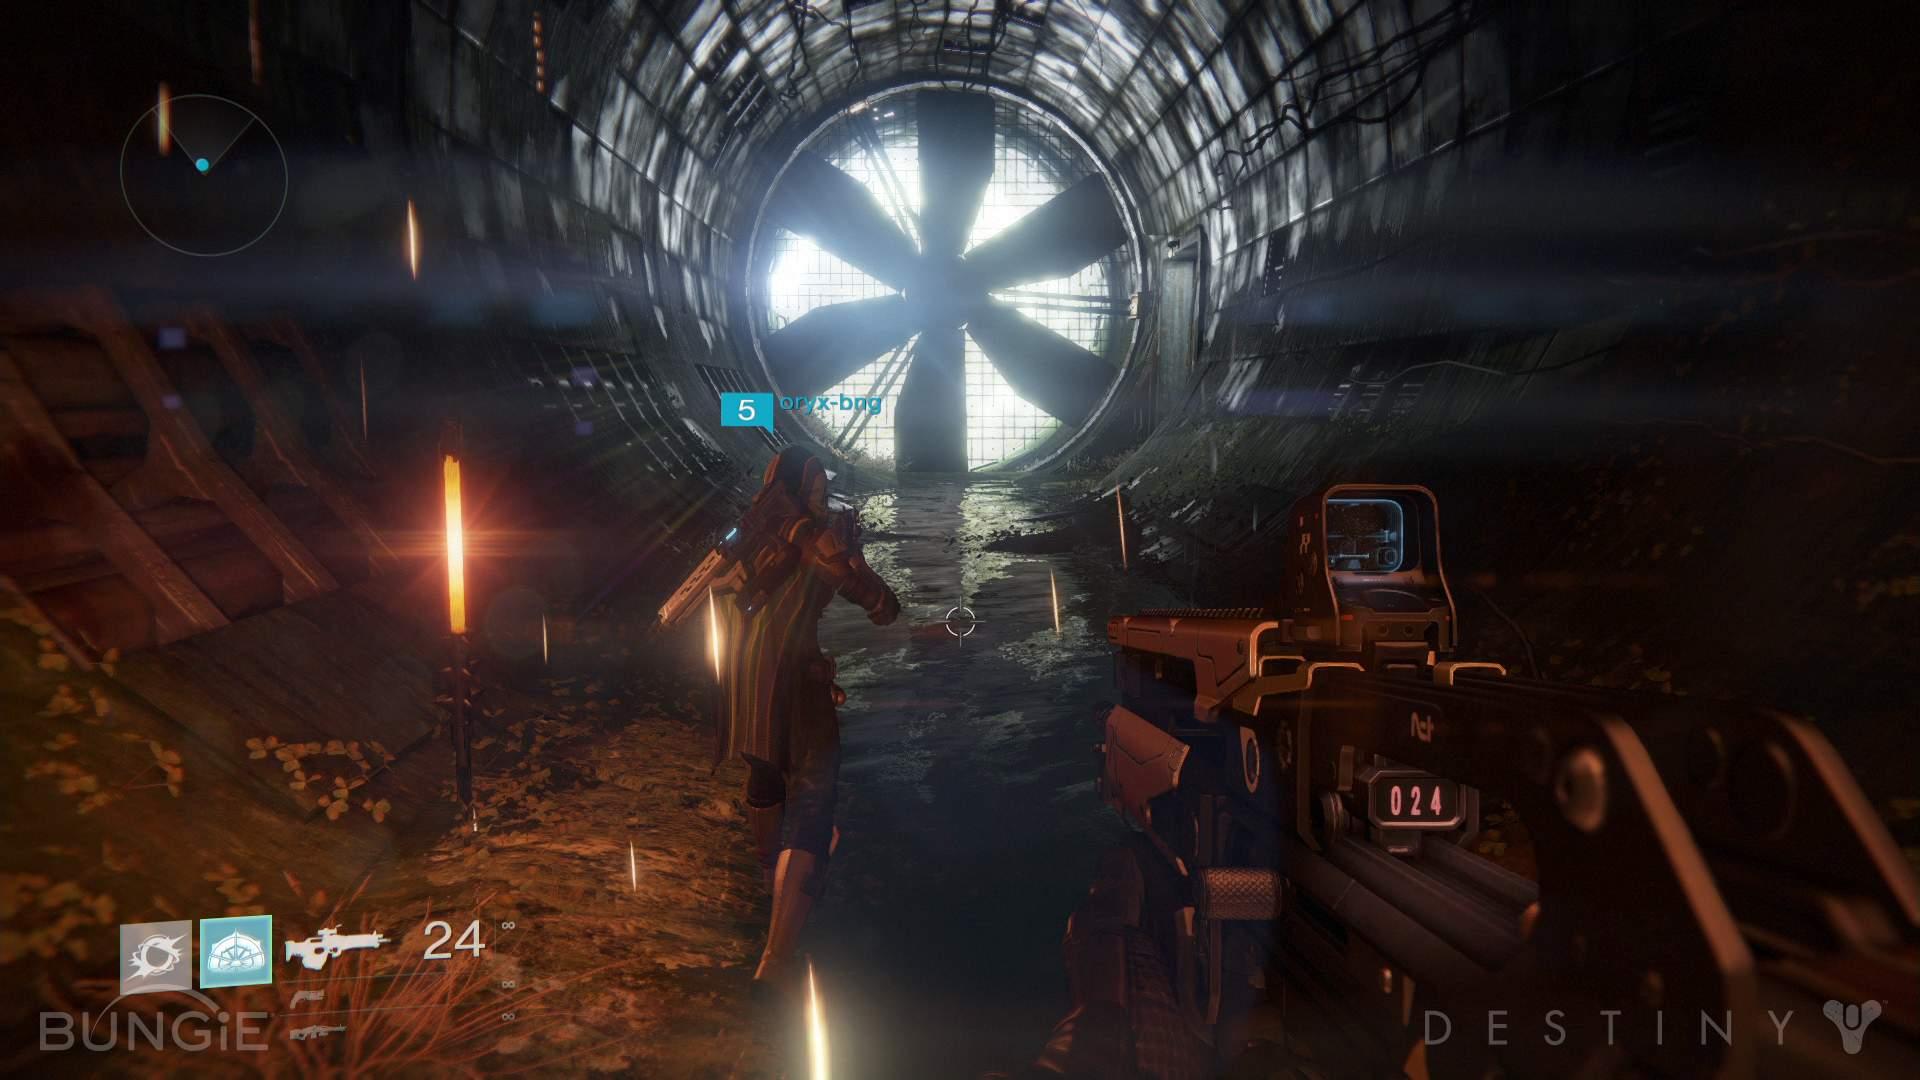 Destiny Environments